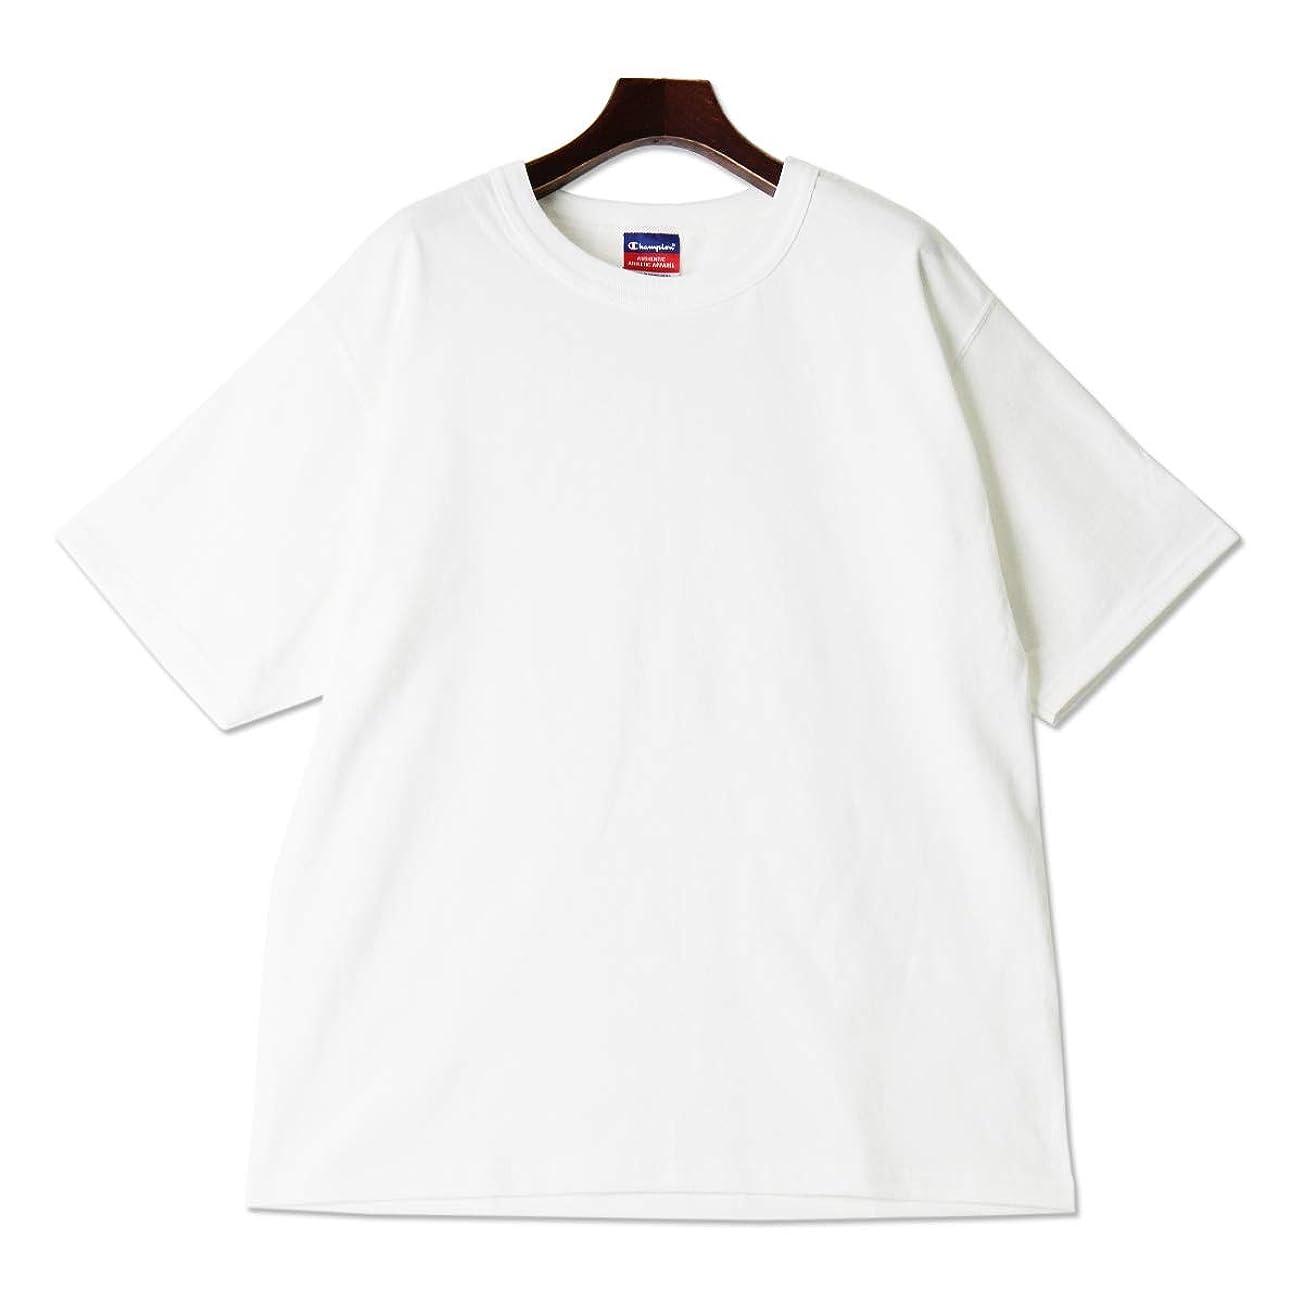 雨締め切り手を差し伸べる(チャンピオン)Champion 7oz ヘビーウェイト Tシャツ メンズ ユニセックス おおきいサイズ ブランド 半袖 無地